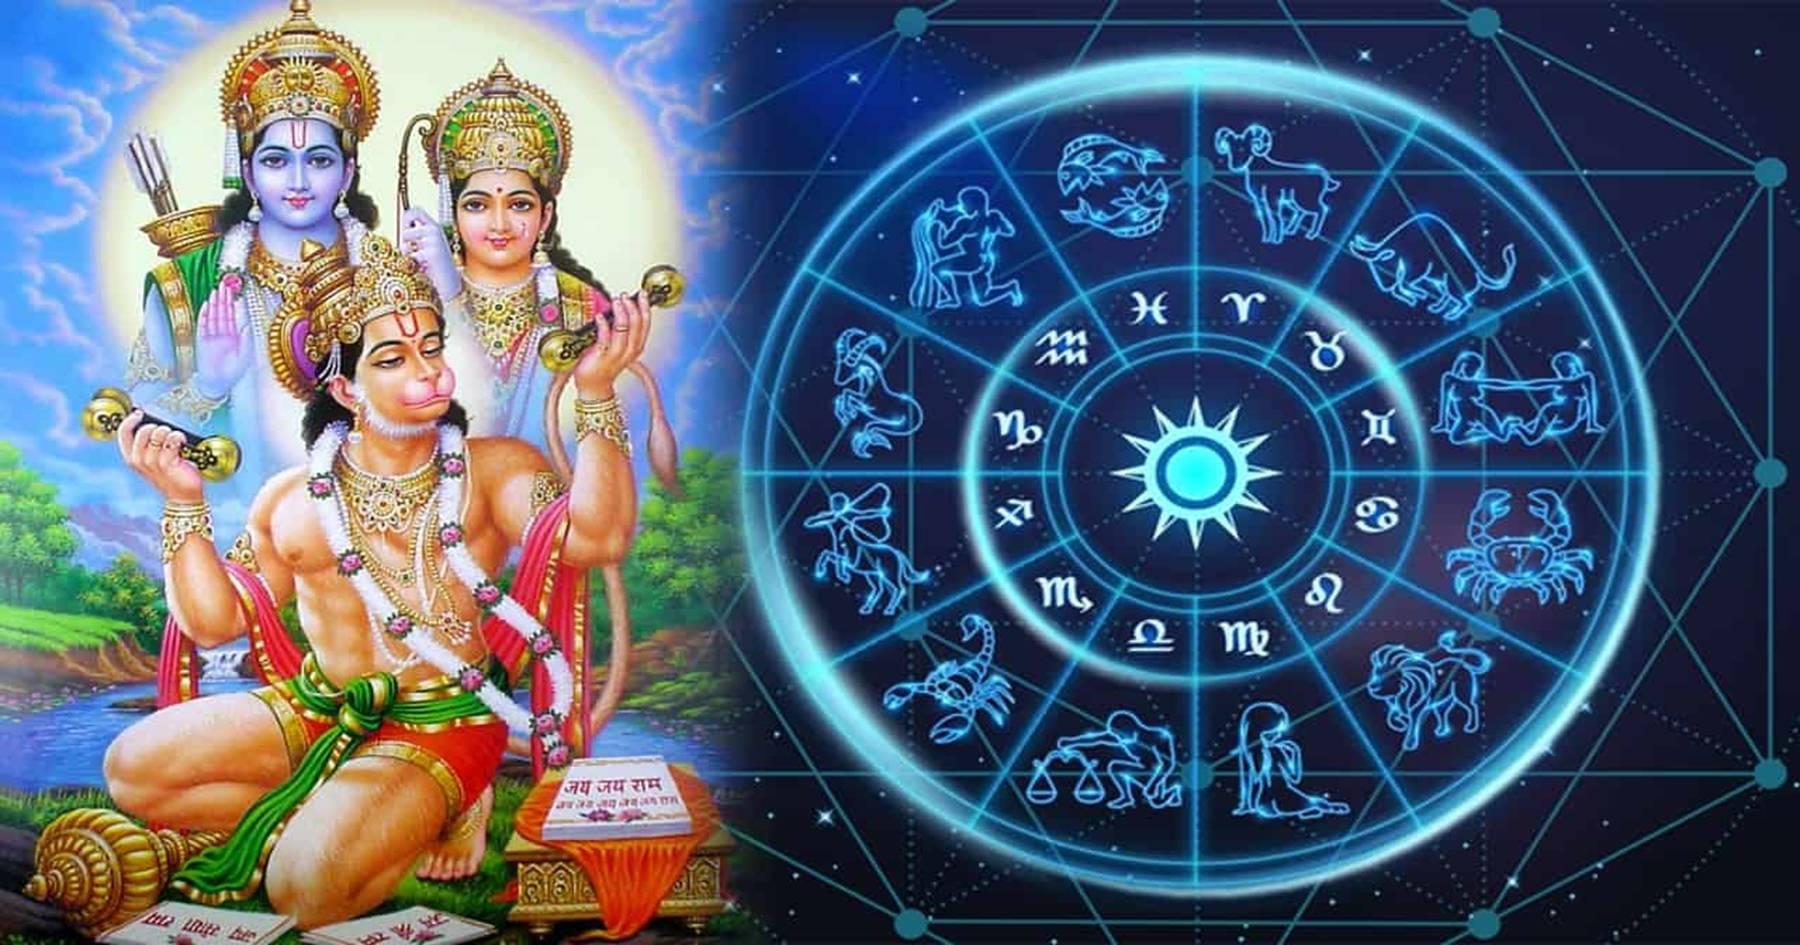 આ 6 રાશિ-જાતકોના જીવનમાં આવશે ખુશીઓનો વરસાદ, સંકટ મોચન હનુમાનજી કરશે દરેક સંકટ દૂર.